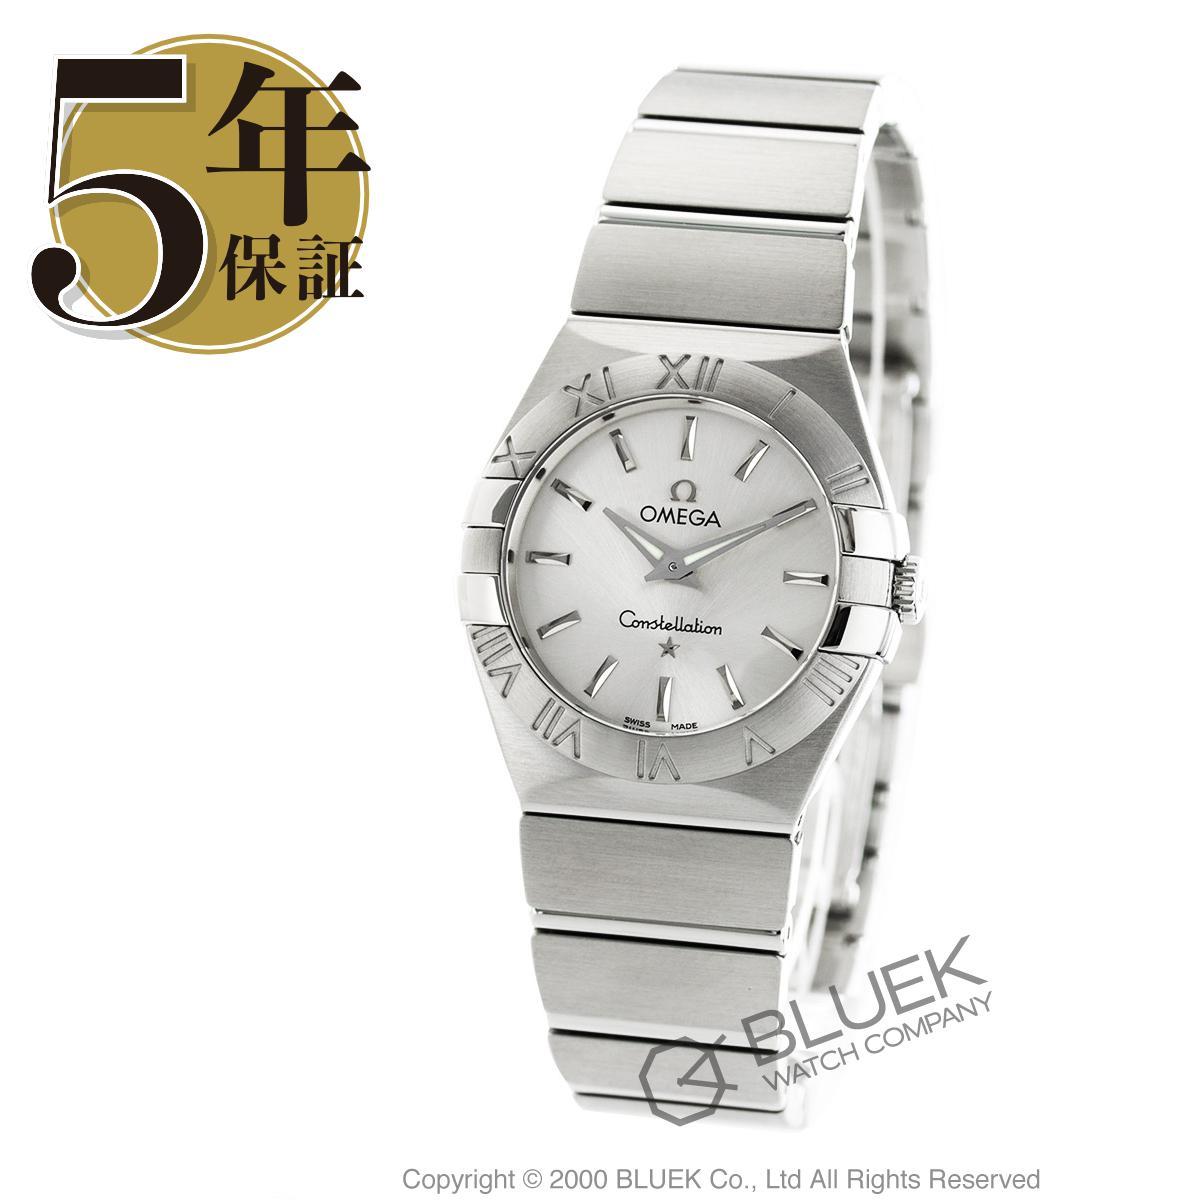 オメガ コンステレーション ブラッシュ 腕時計 レディース OMEGA 123.10.27.60.02.001_5